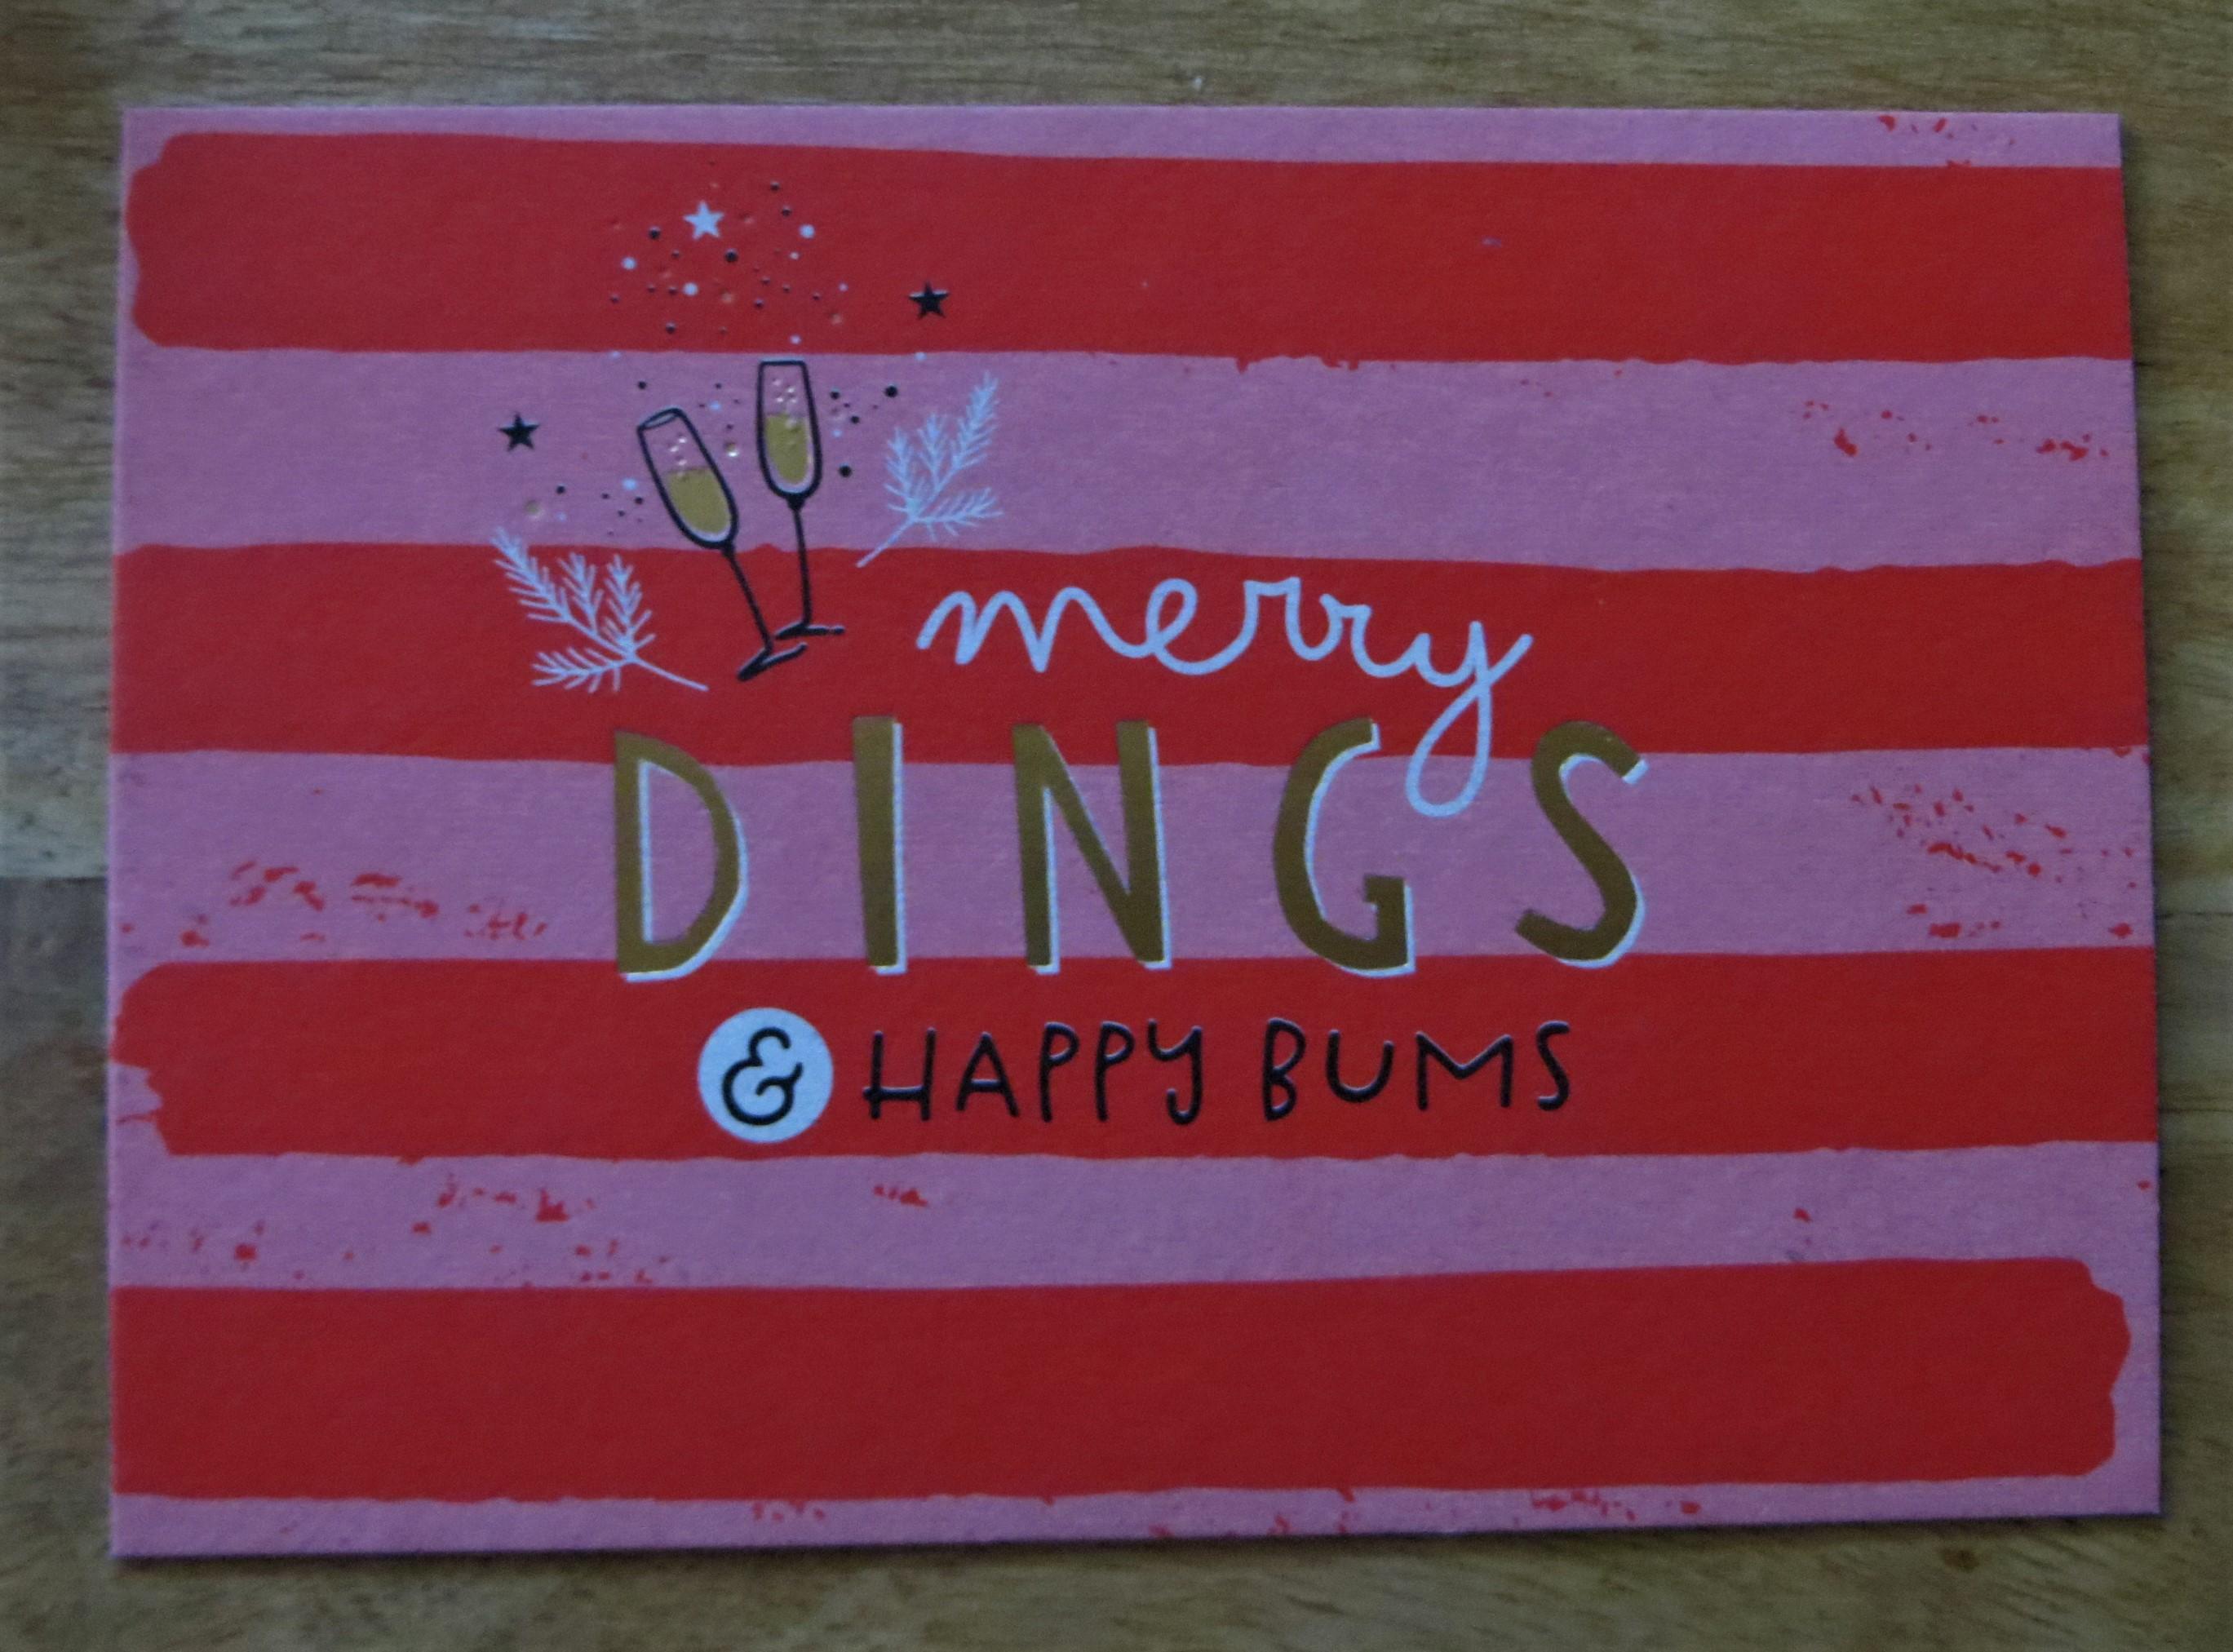 Nützlichgrusskarten - Postkarte merry DINGS und happy BUMS - Onlineshop Tante Emmer